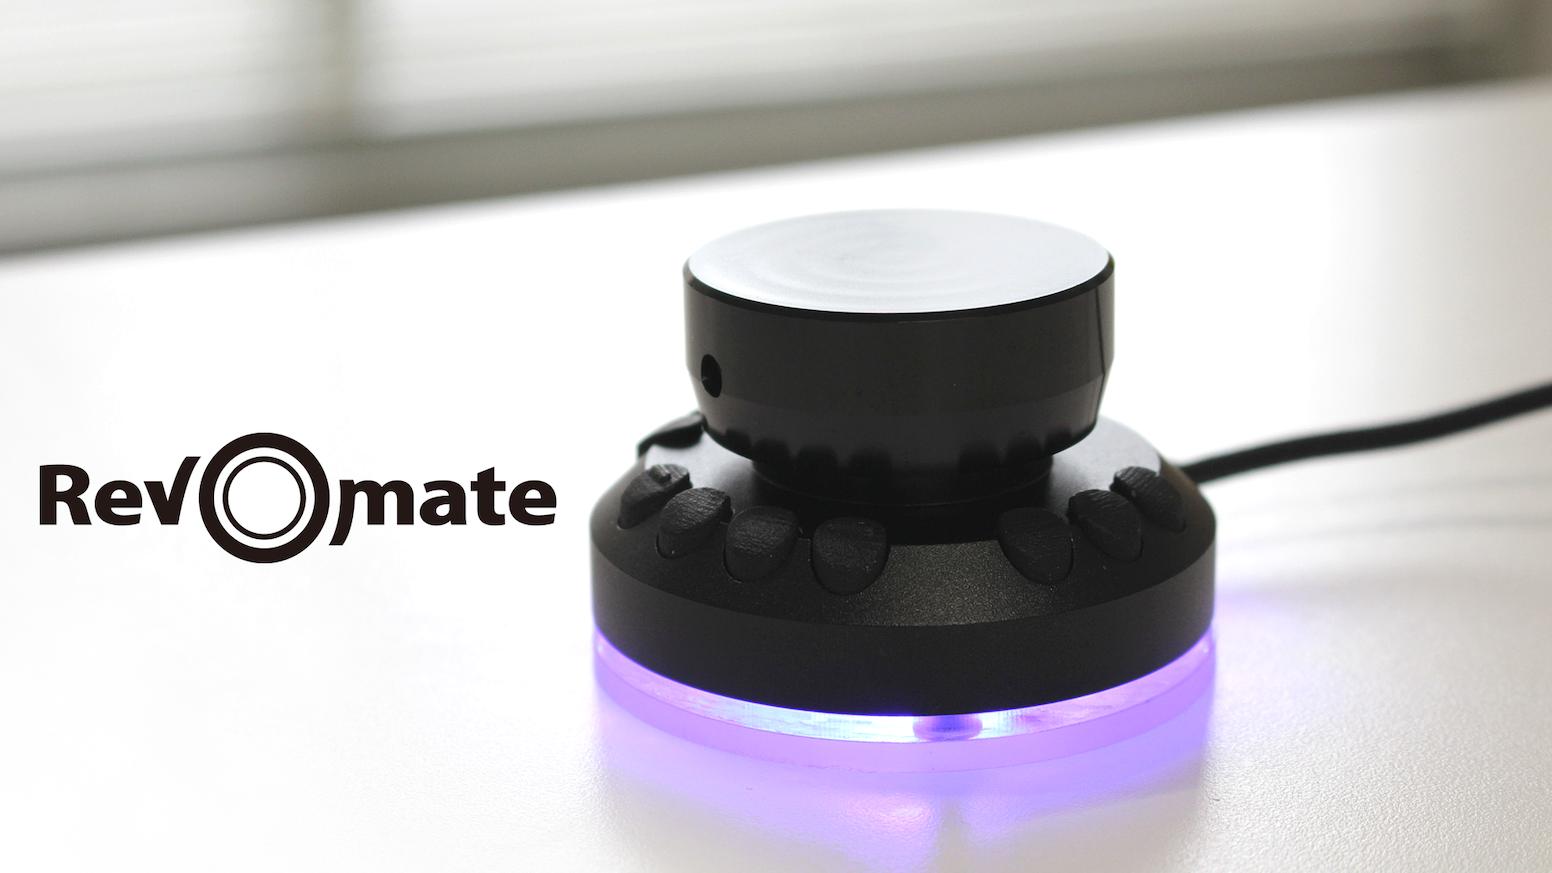 """""""Rev-O-mate""""は無限回転ダイアルと柔軟に設定可能な10個のボタンを備えたクリエイター向けデバイス。 異なるアプリ間での拡大縮小・回転など設定は思うまま。 アルミダイキャストの頑強なボディはLEDに彩られ、高級感溢れる佇まいで貴方のデスクを飾ります。"""